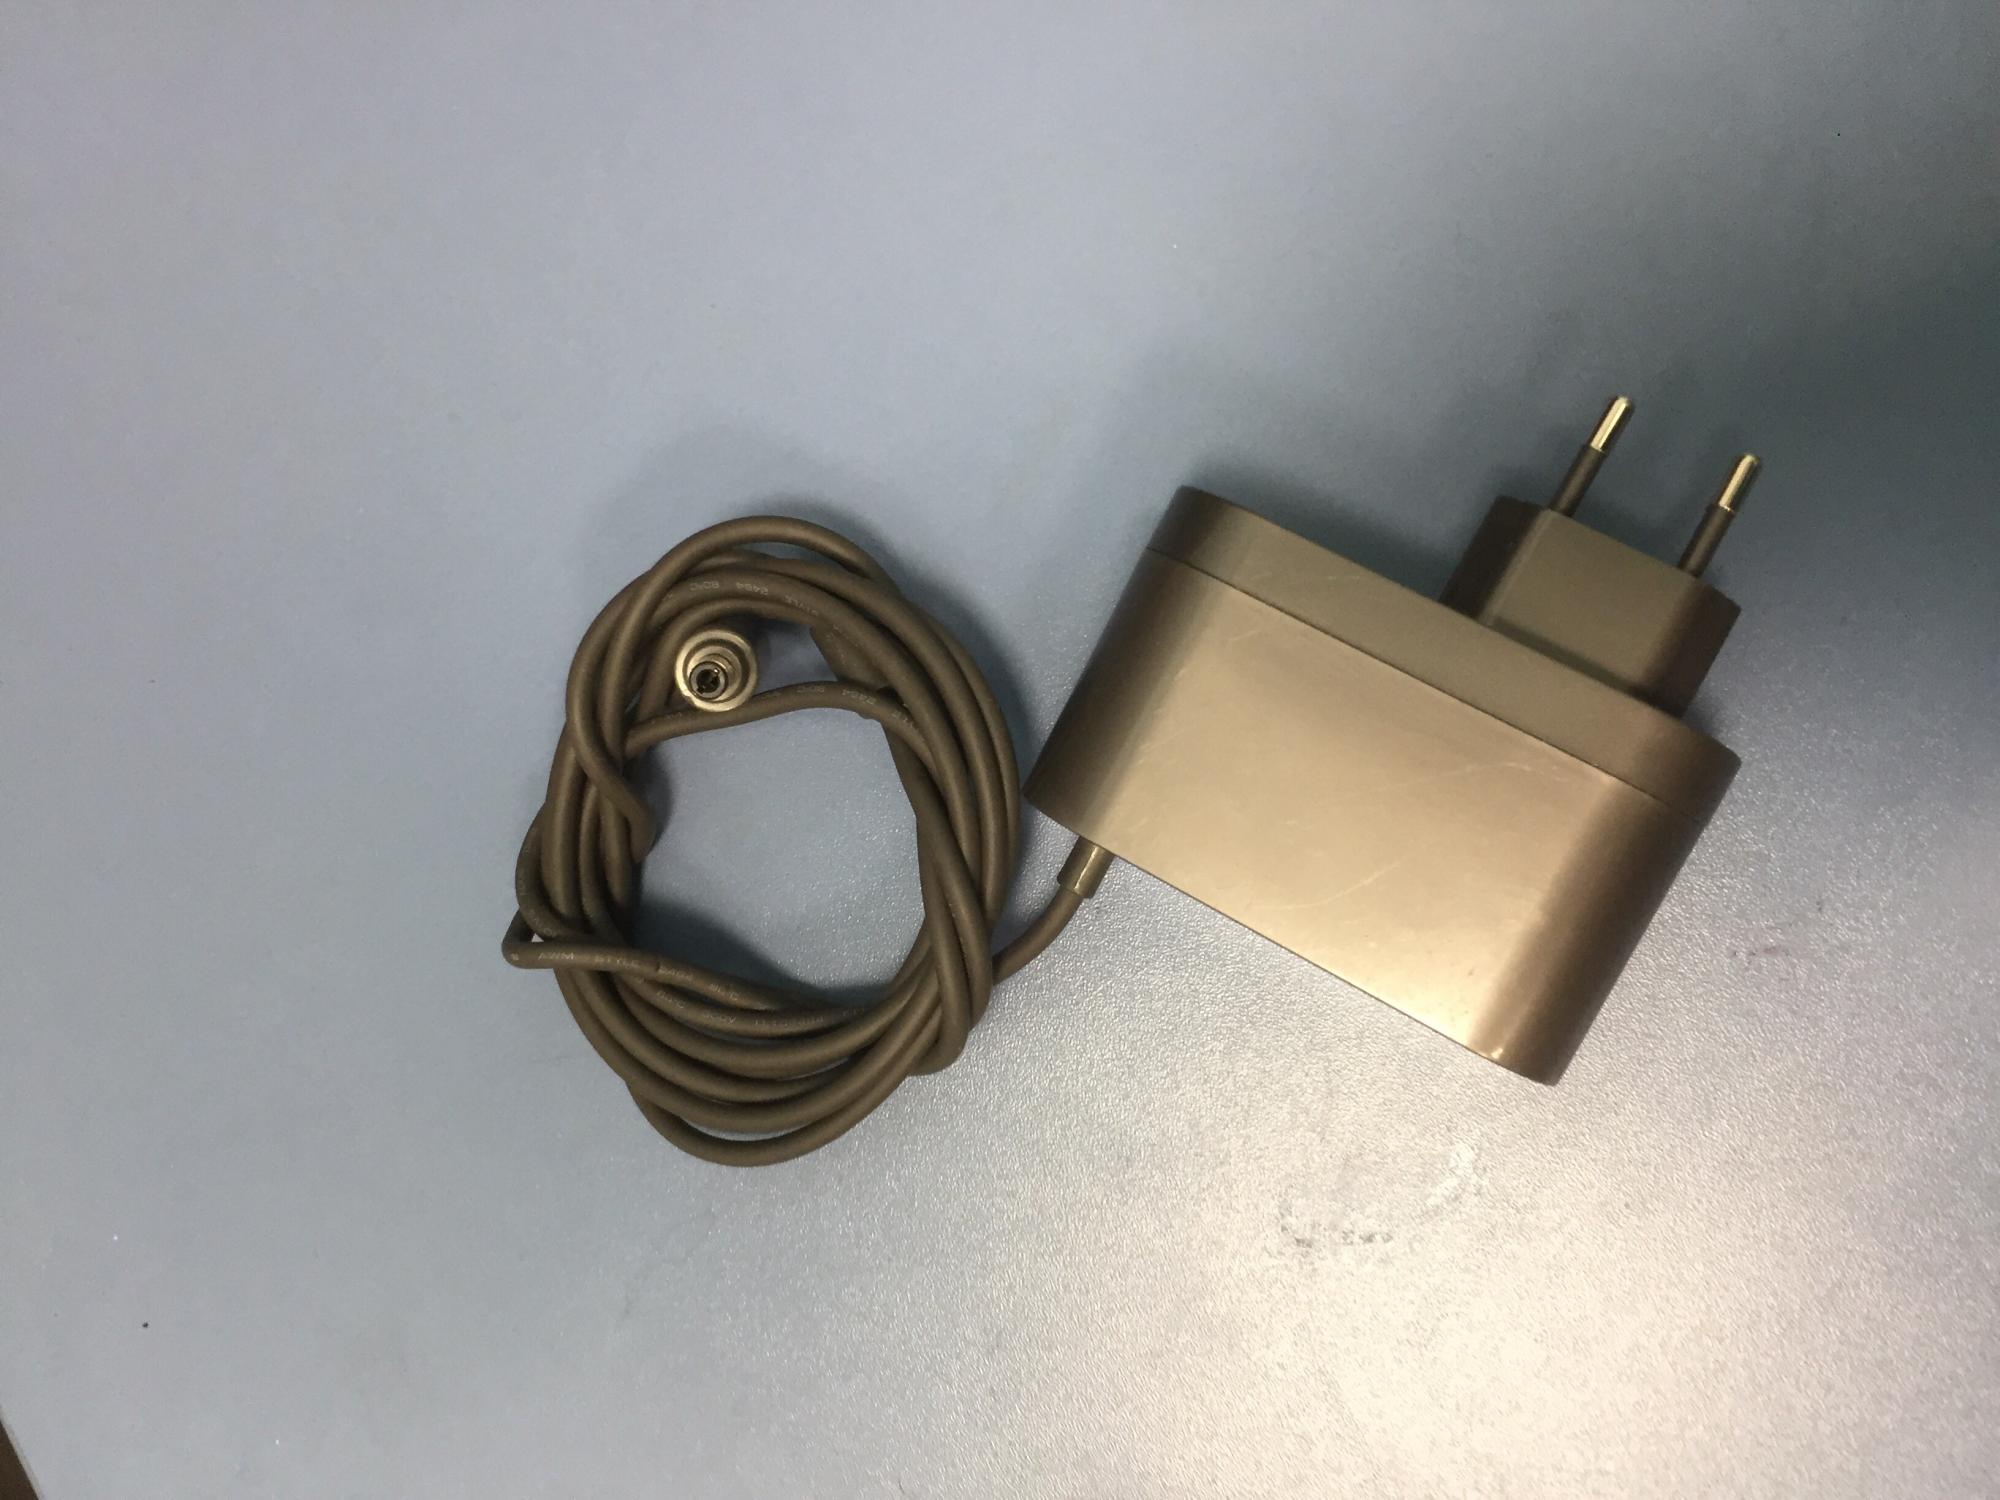 dyson зарядное устройство купить